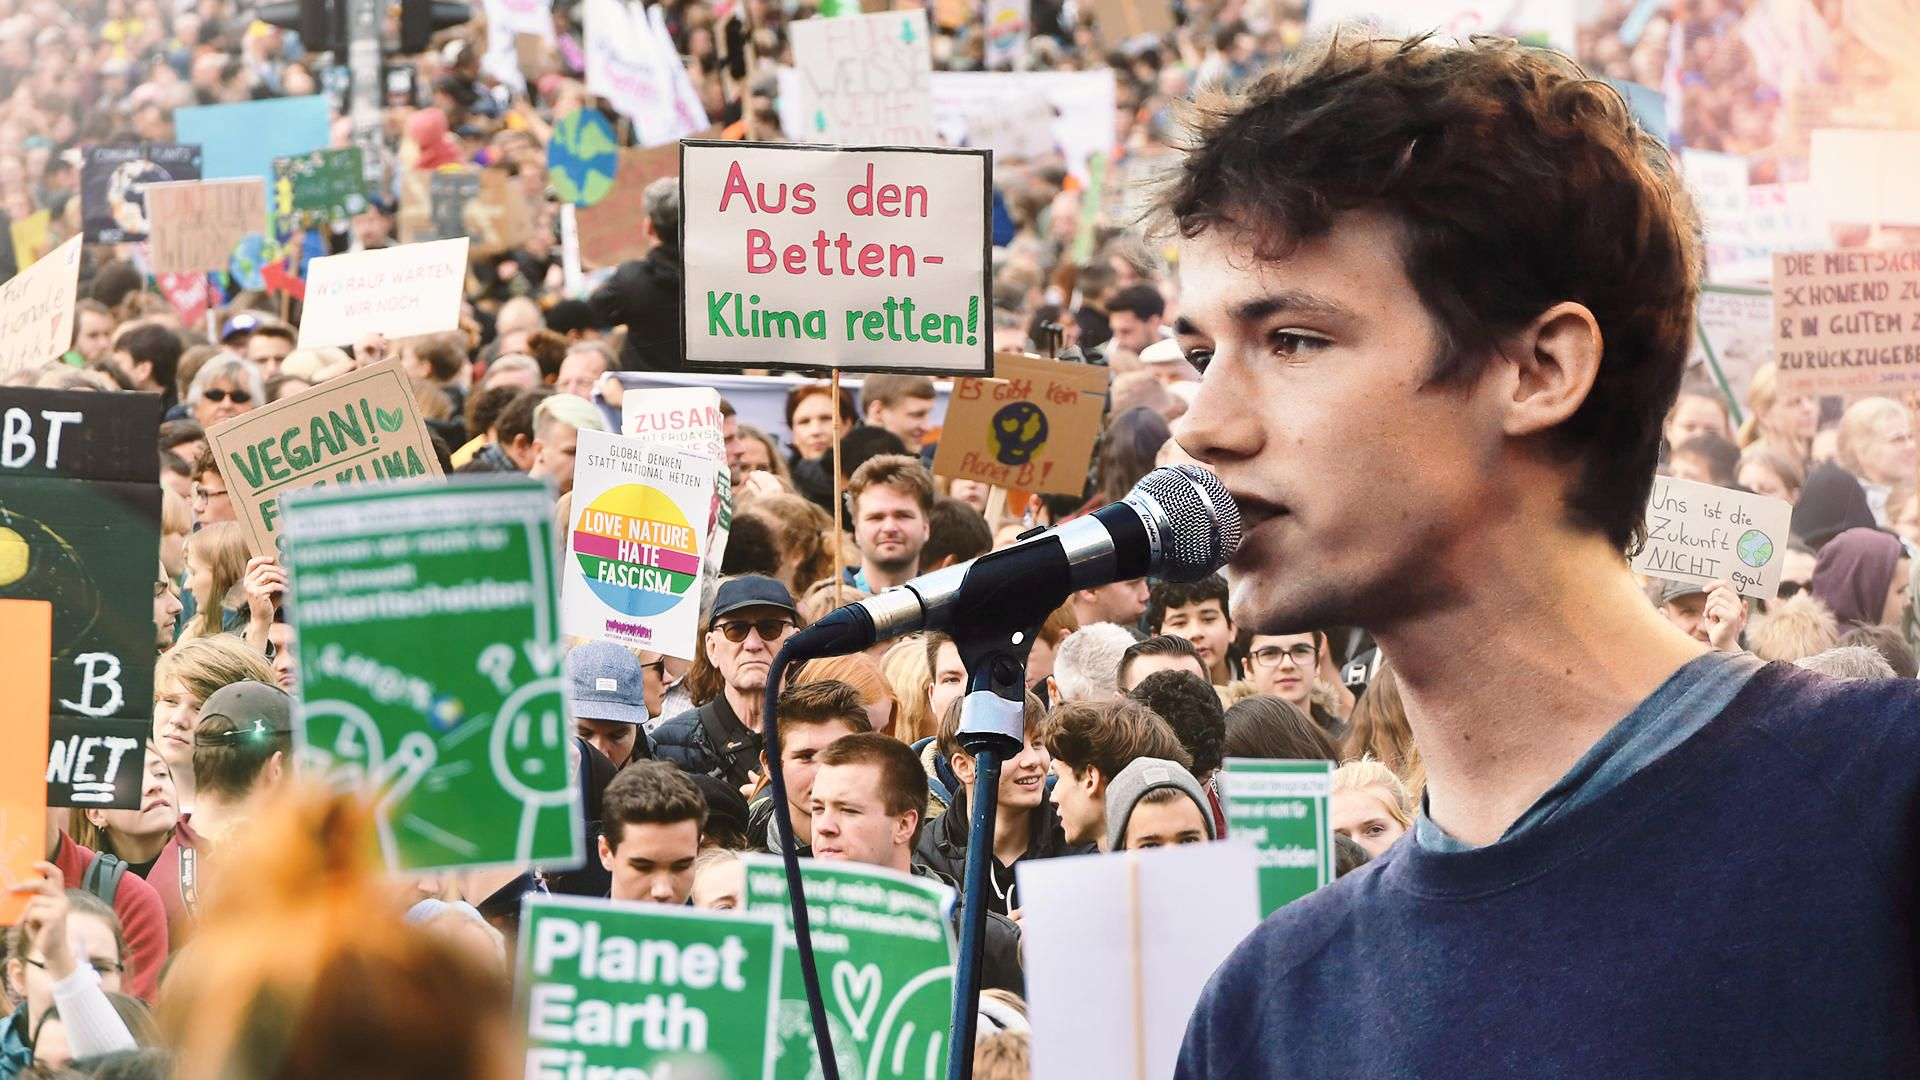 Wer Ist Der Mann Der Die Klima Hymne Singt In 2020